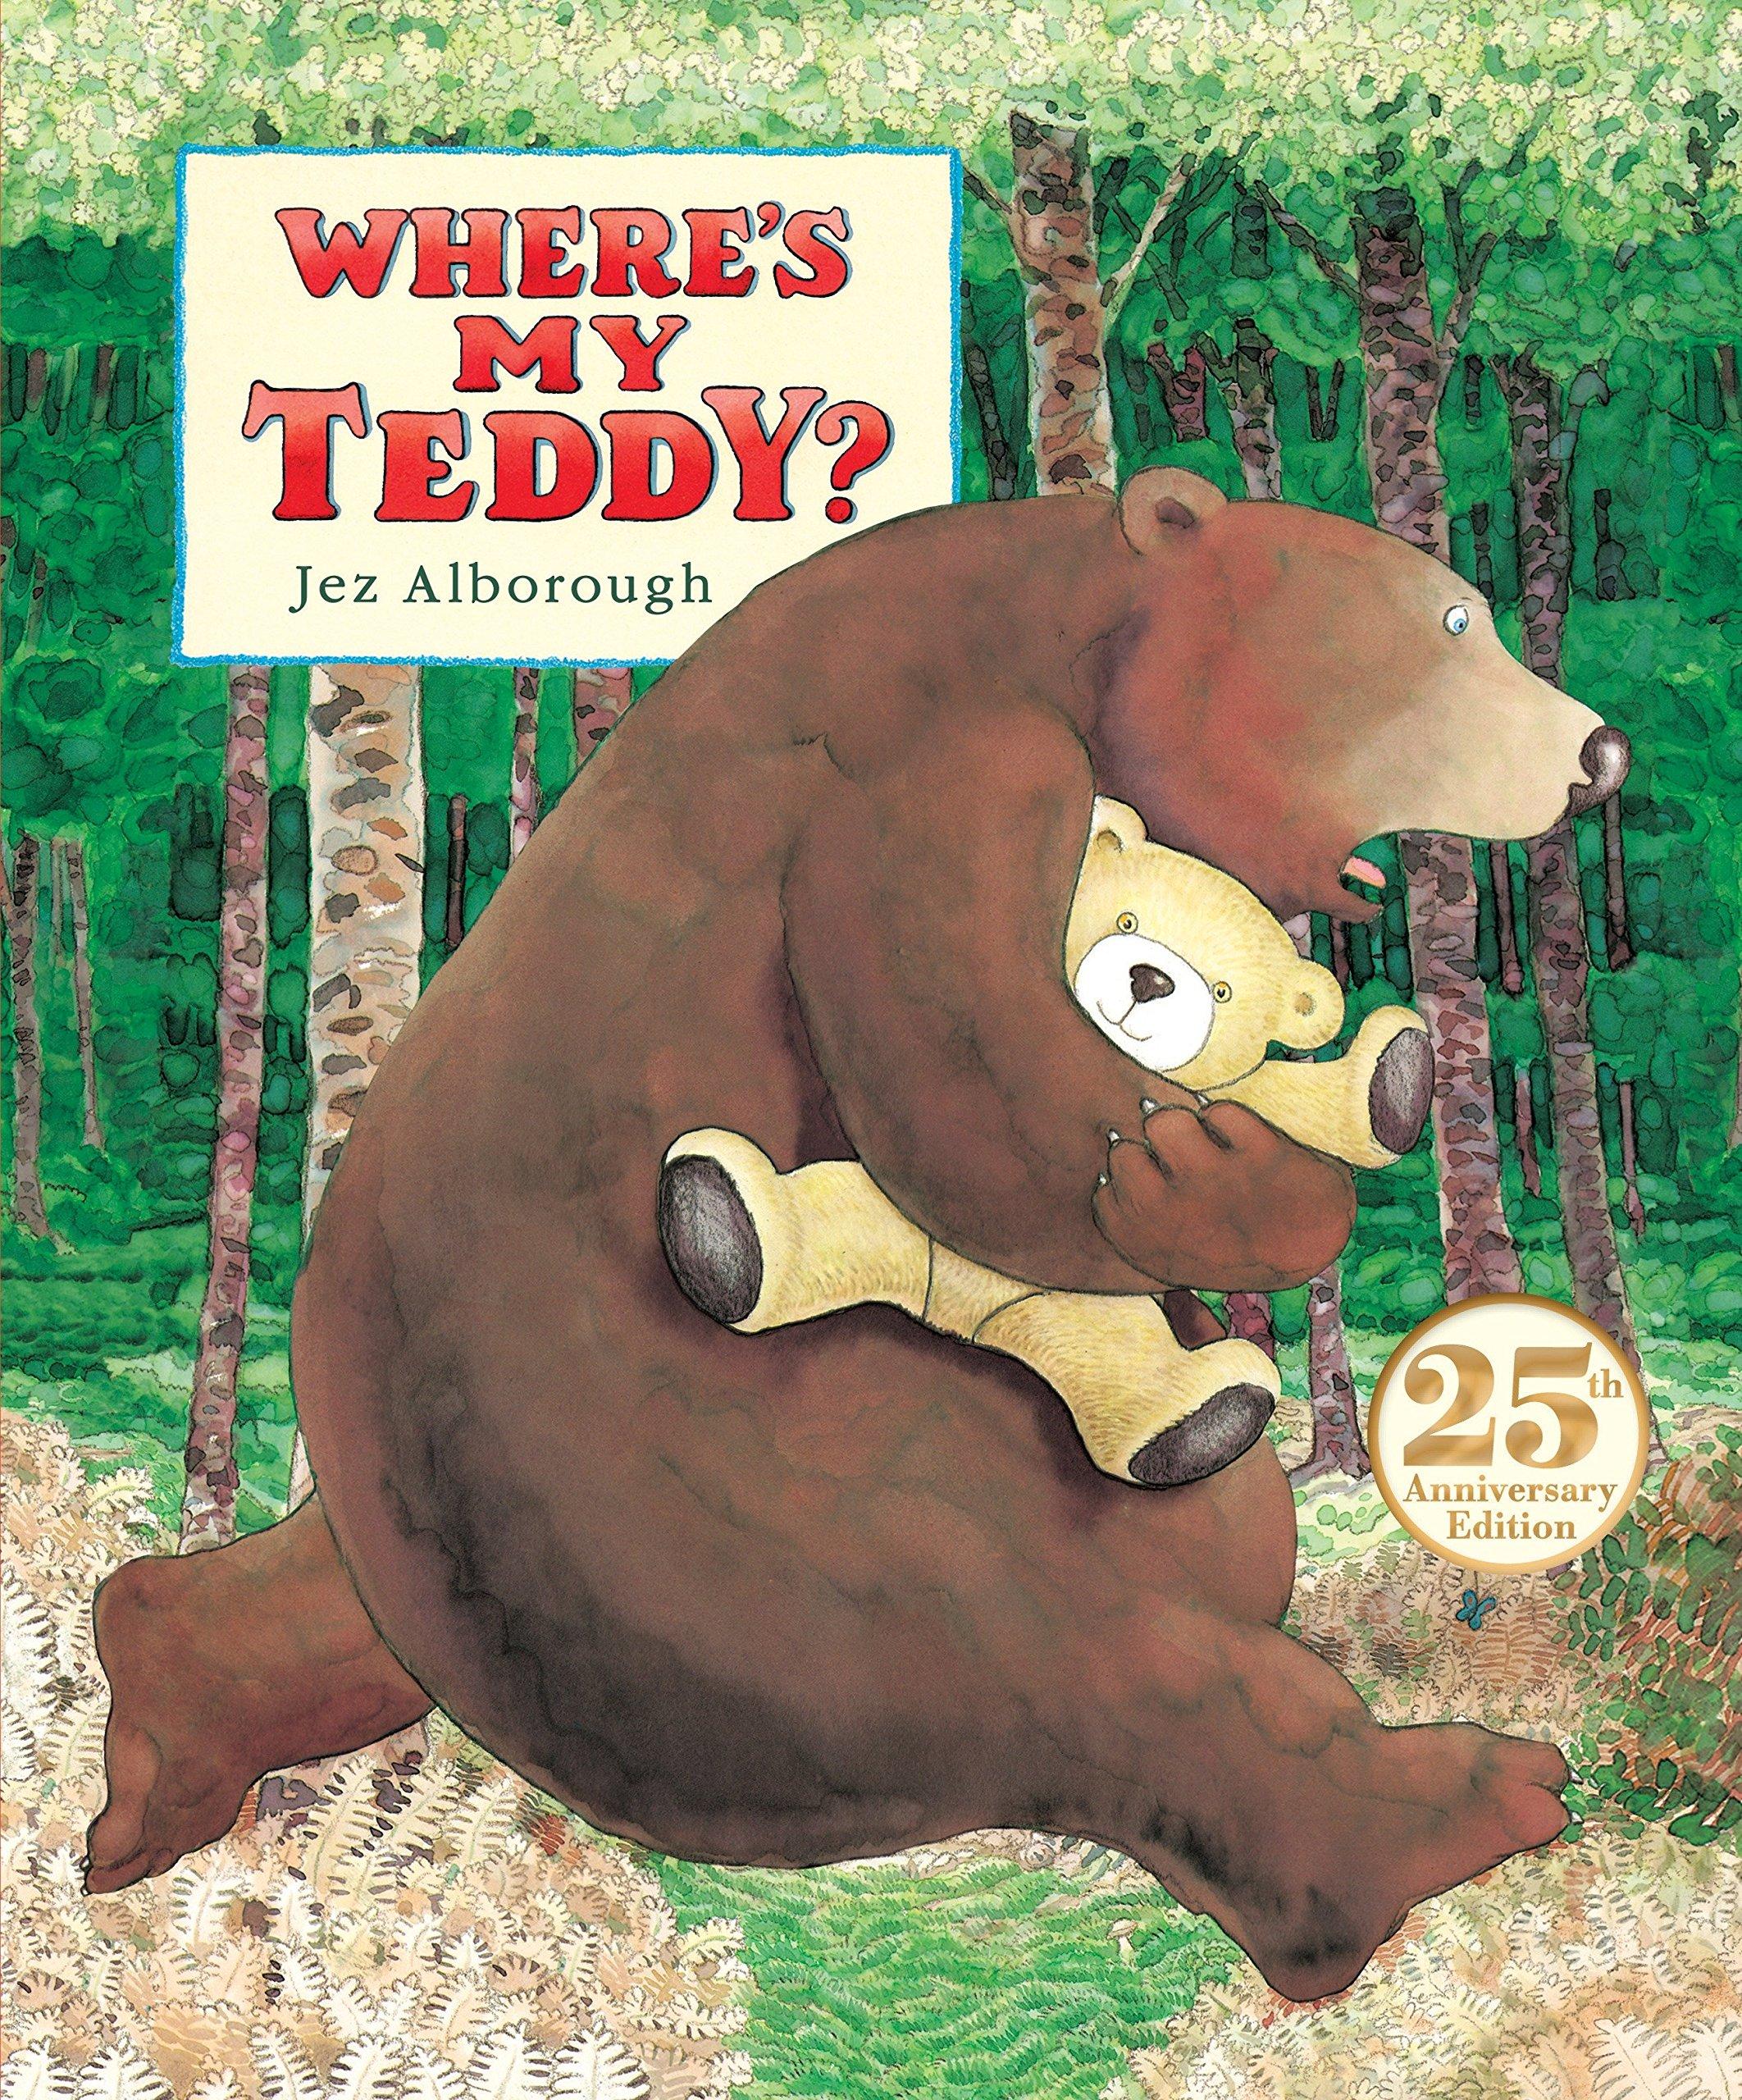 Where's My Teddy?: Amazon.co.uk: Alborough, Jez: 9780763698713: Books